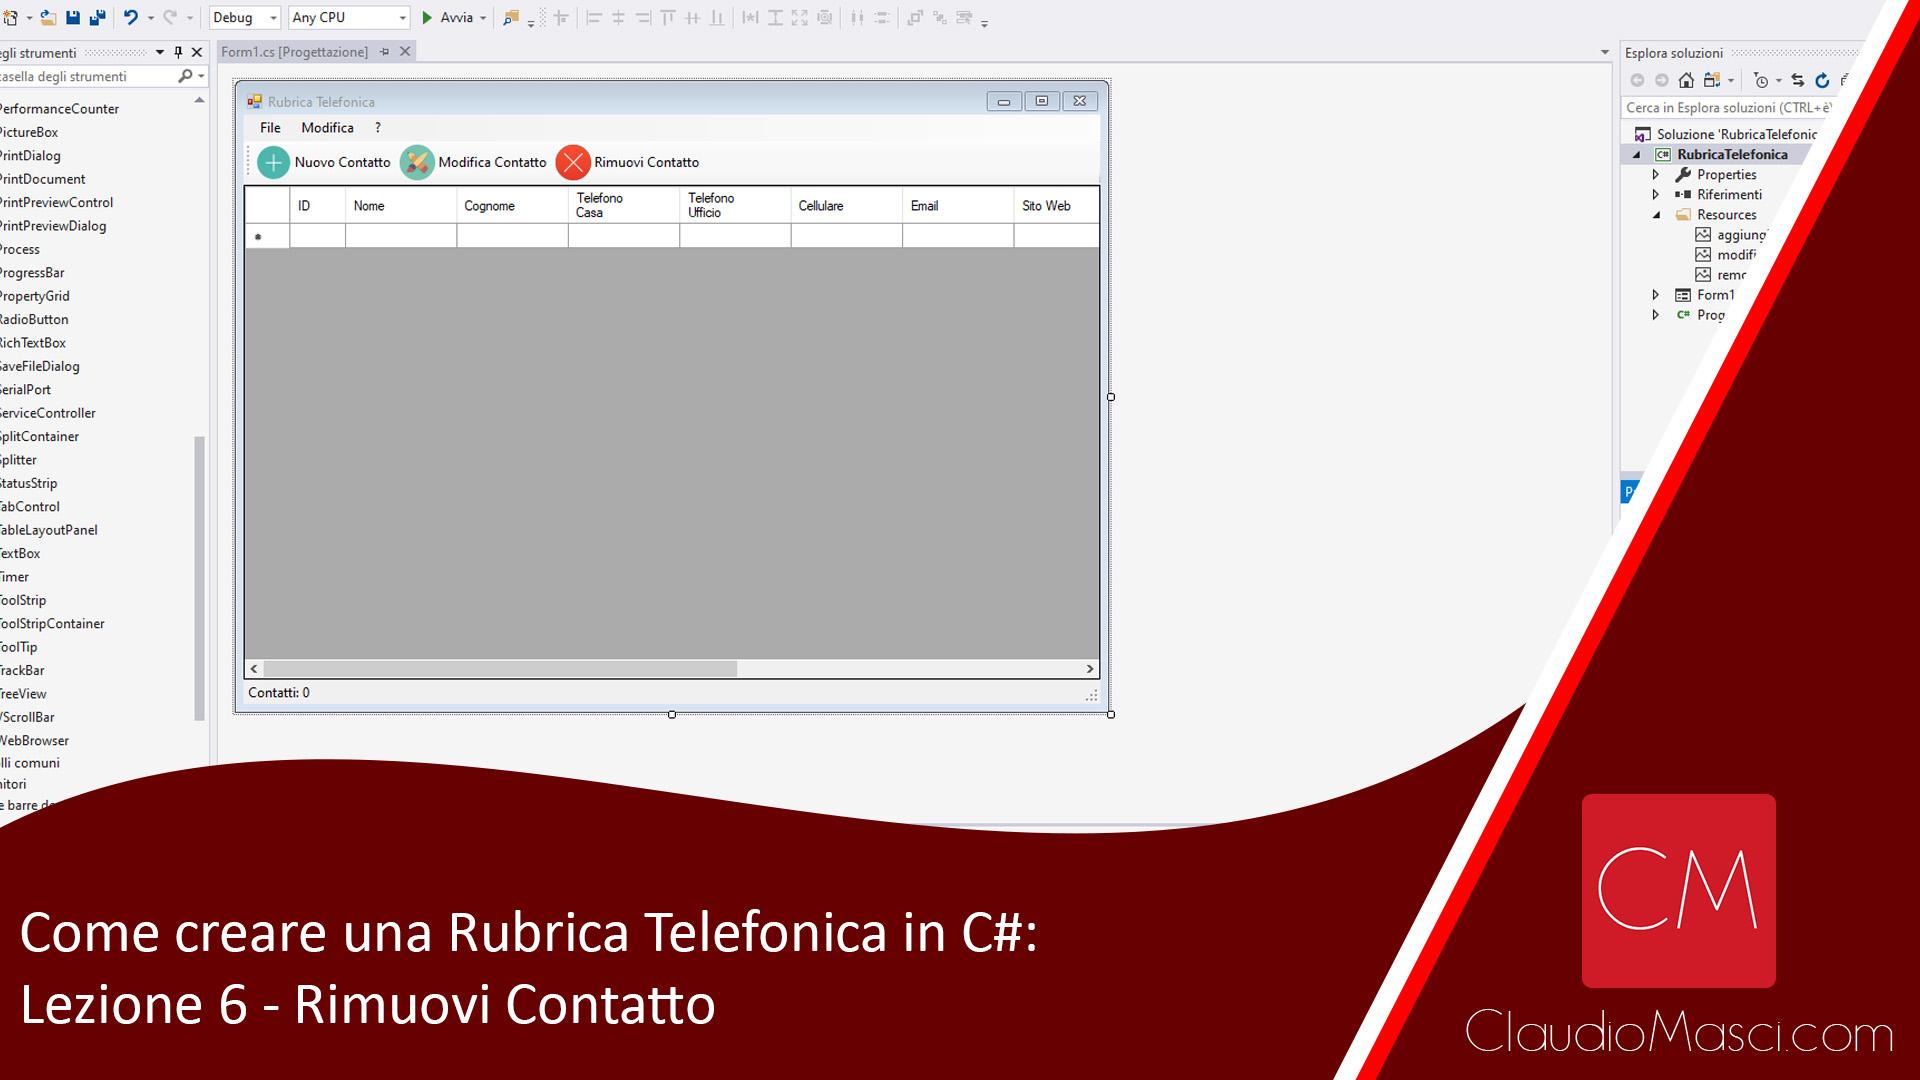 Come creare una Rubrica Telefonica in C# – Lezione 6 – Rimuovi Contatto